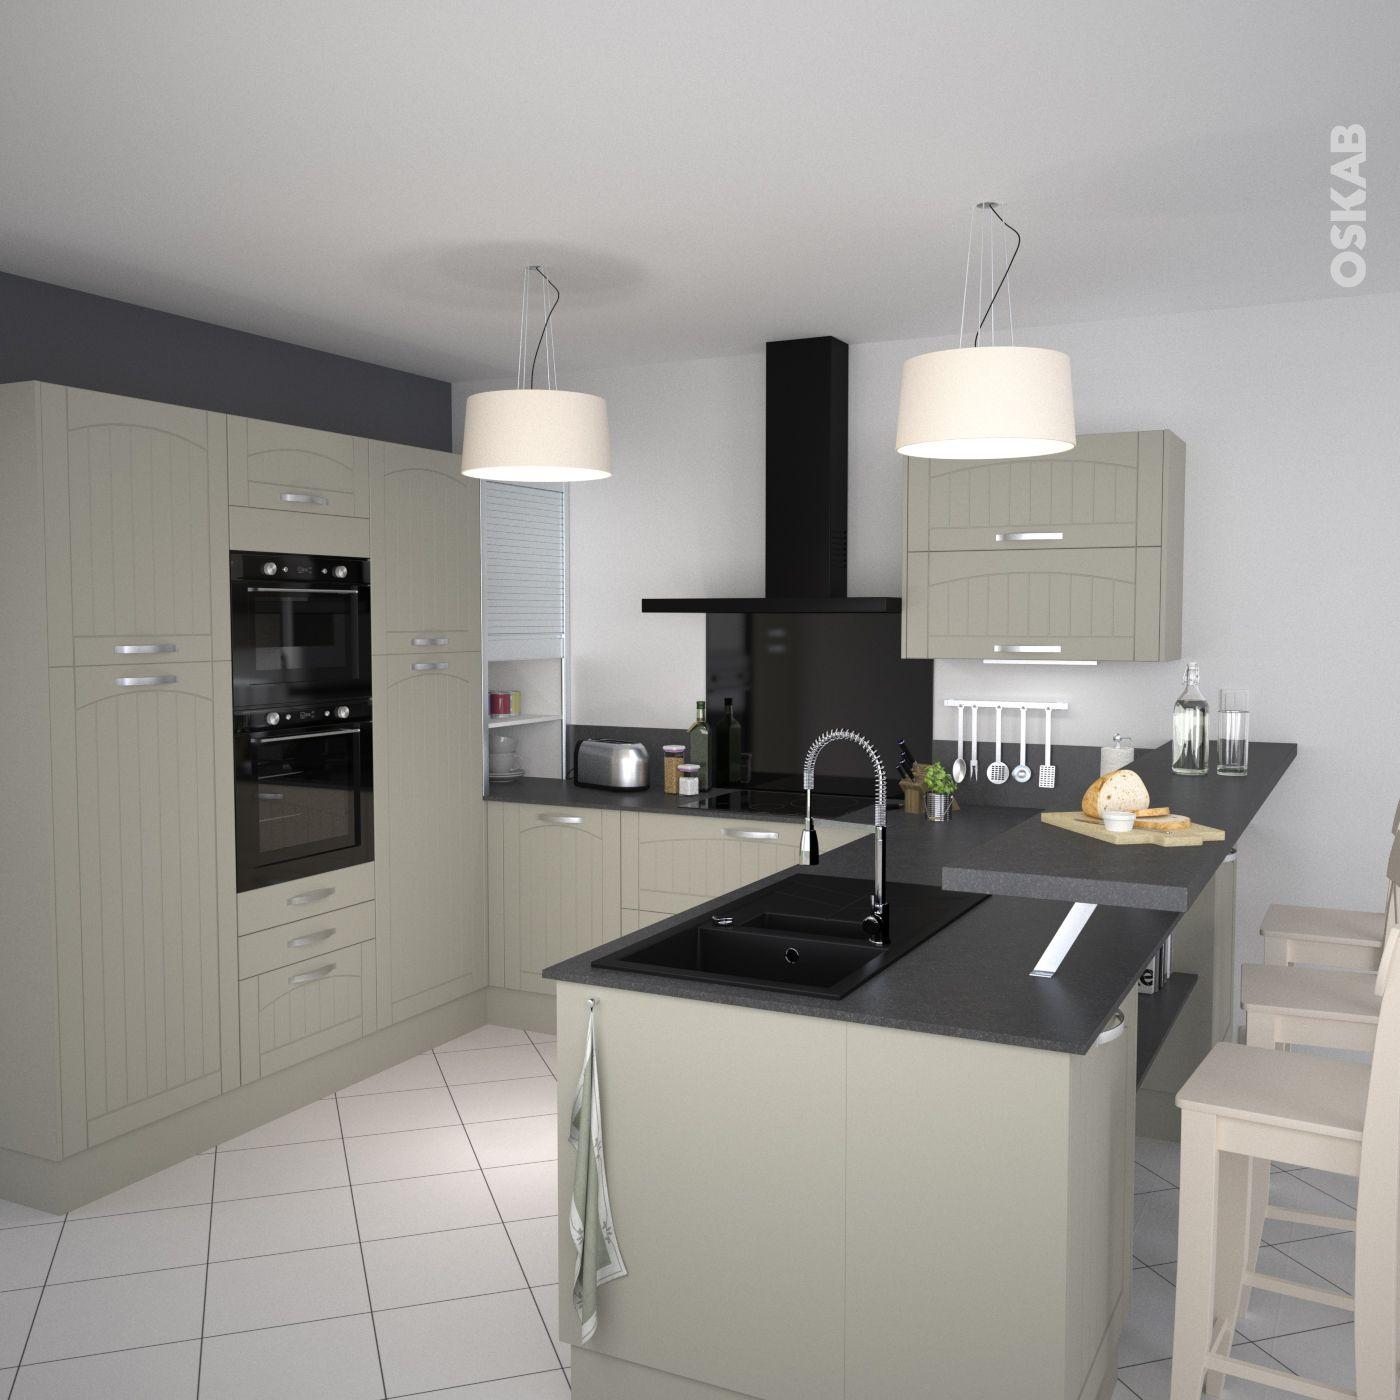 reglette cuisine avec prise reglette led cm pret a l emploi v eclairage dessous meuble etanche. Black Bedroom Furniture Sets. Home Design Ideas